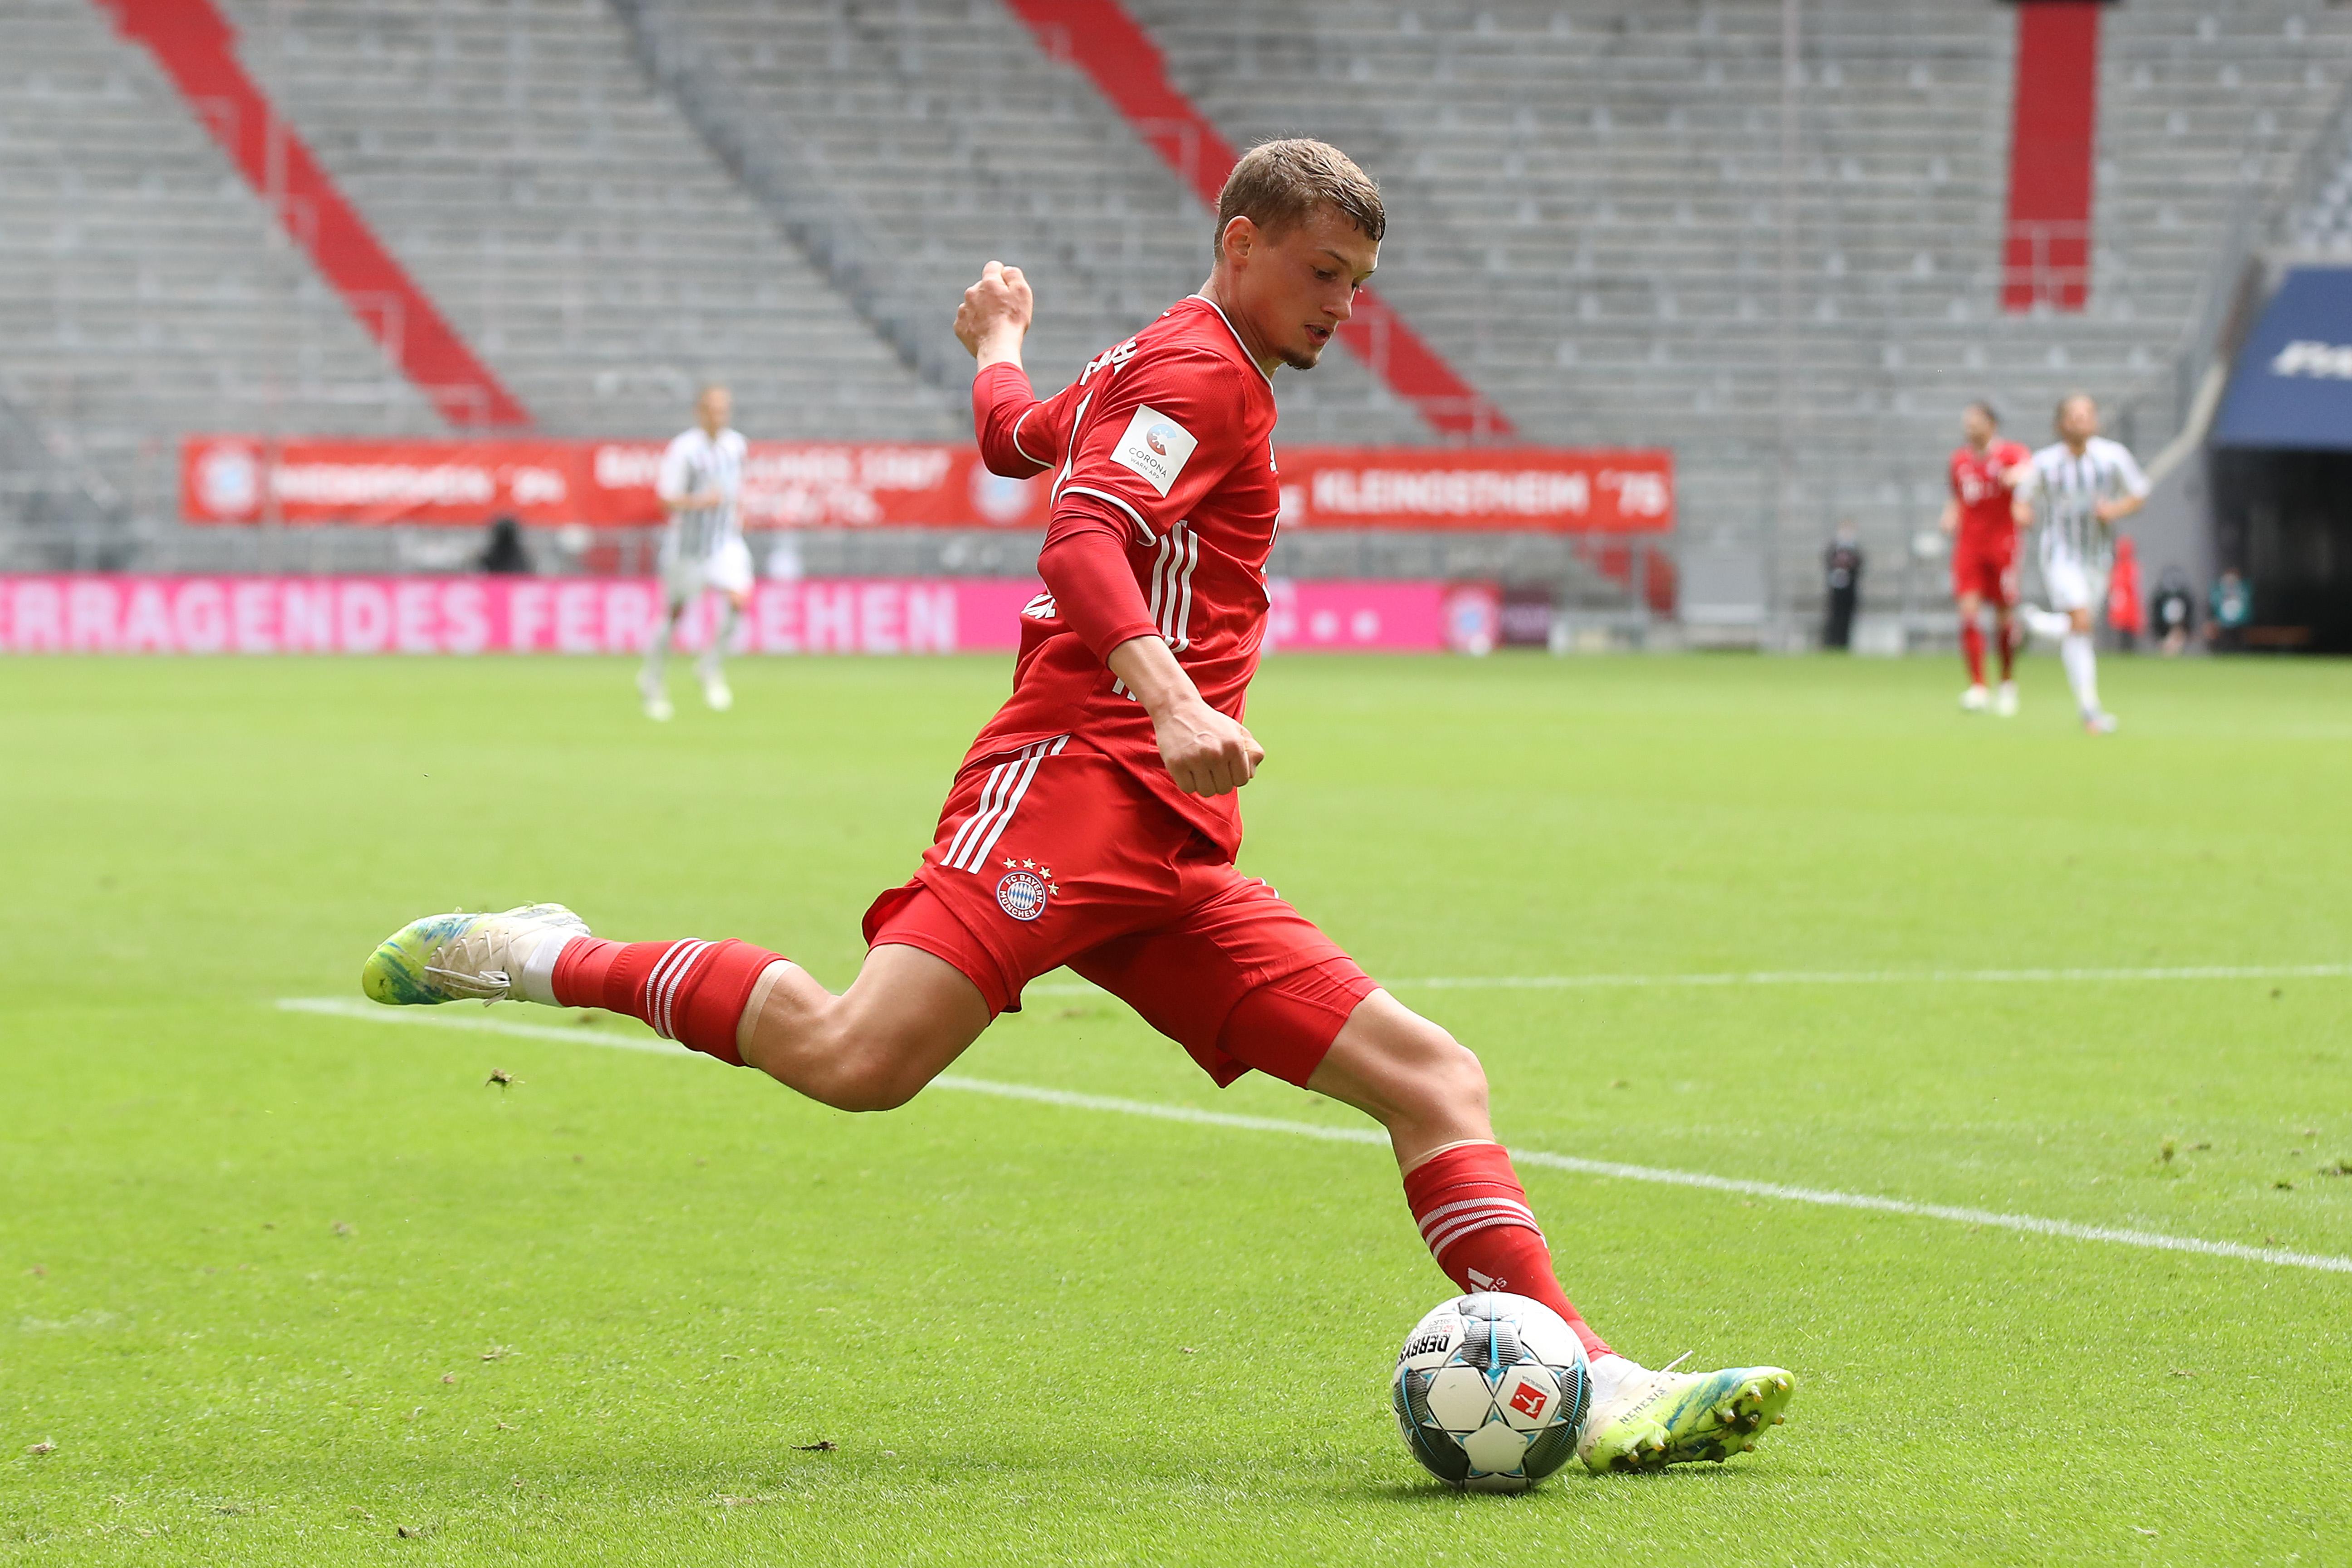 Fc-bayern-muenchen-v-sport-club-freiburg-bundesliga